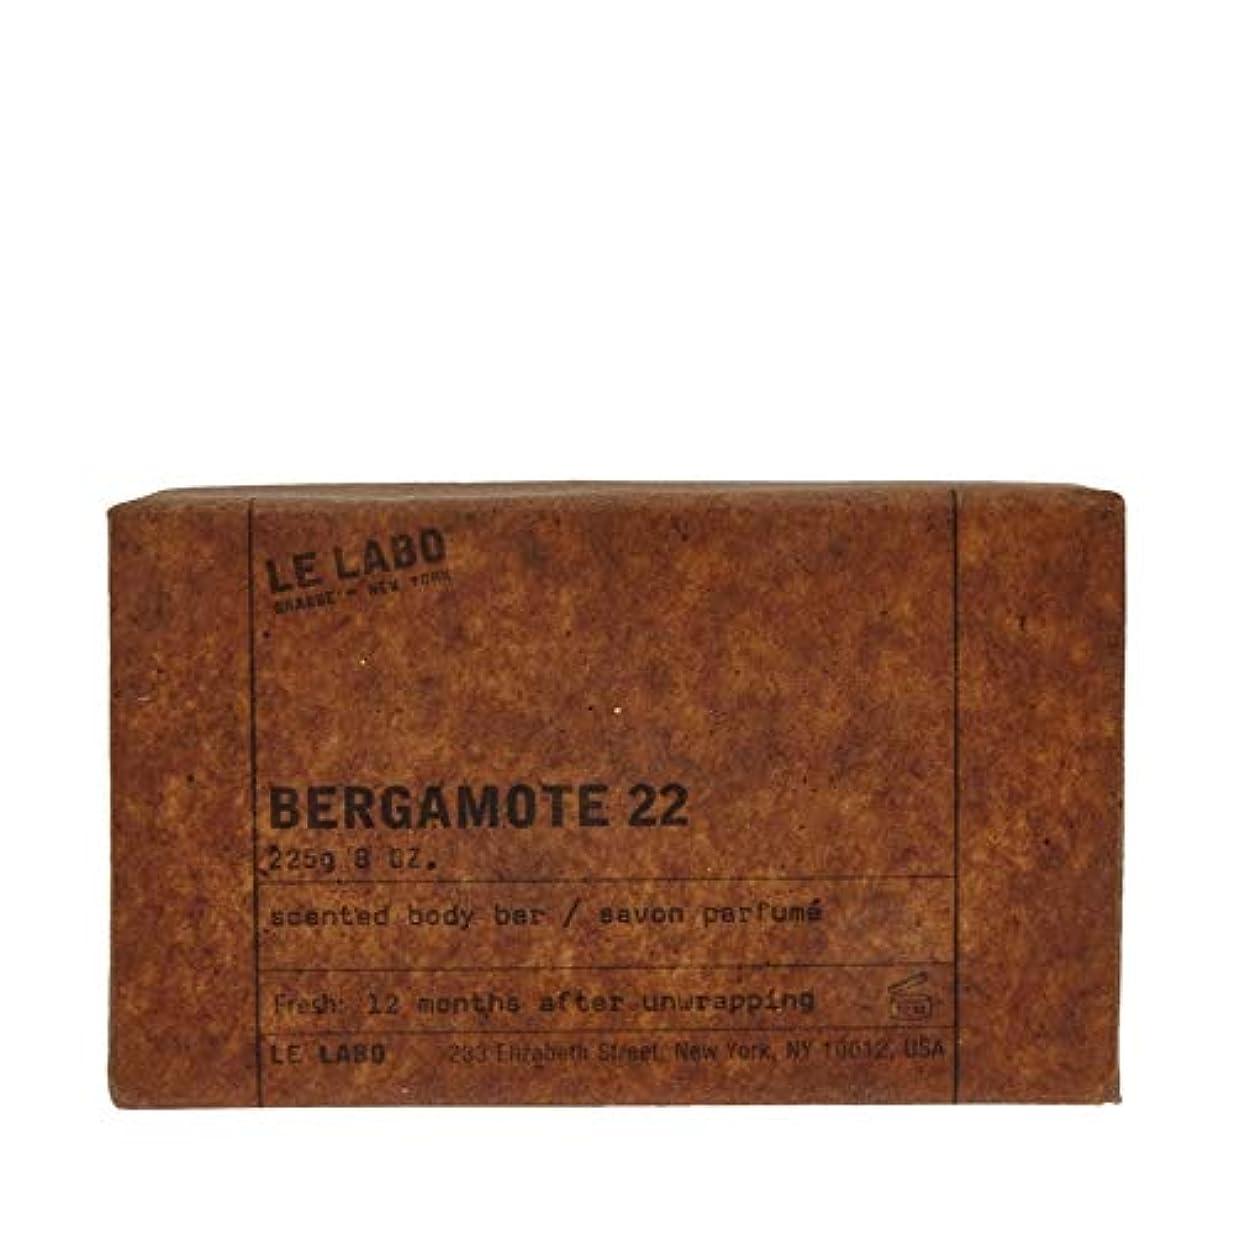 助言する驚いた蚊[Le Labo ] ルラボBergamote 22石鹸225グラム - Le Labo Bergamote 22 Soap 225g [並行輸入品]